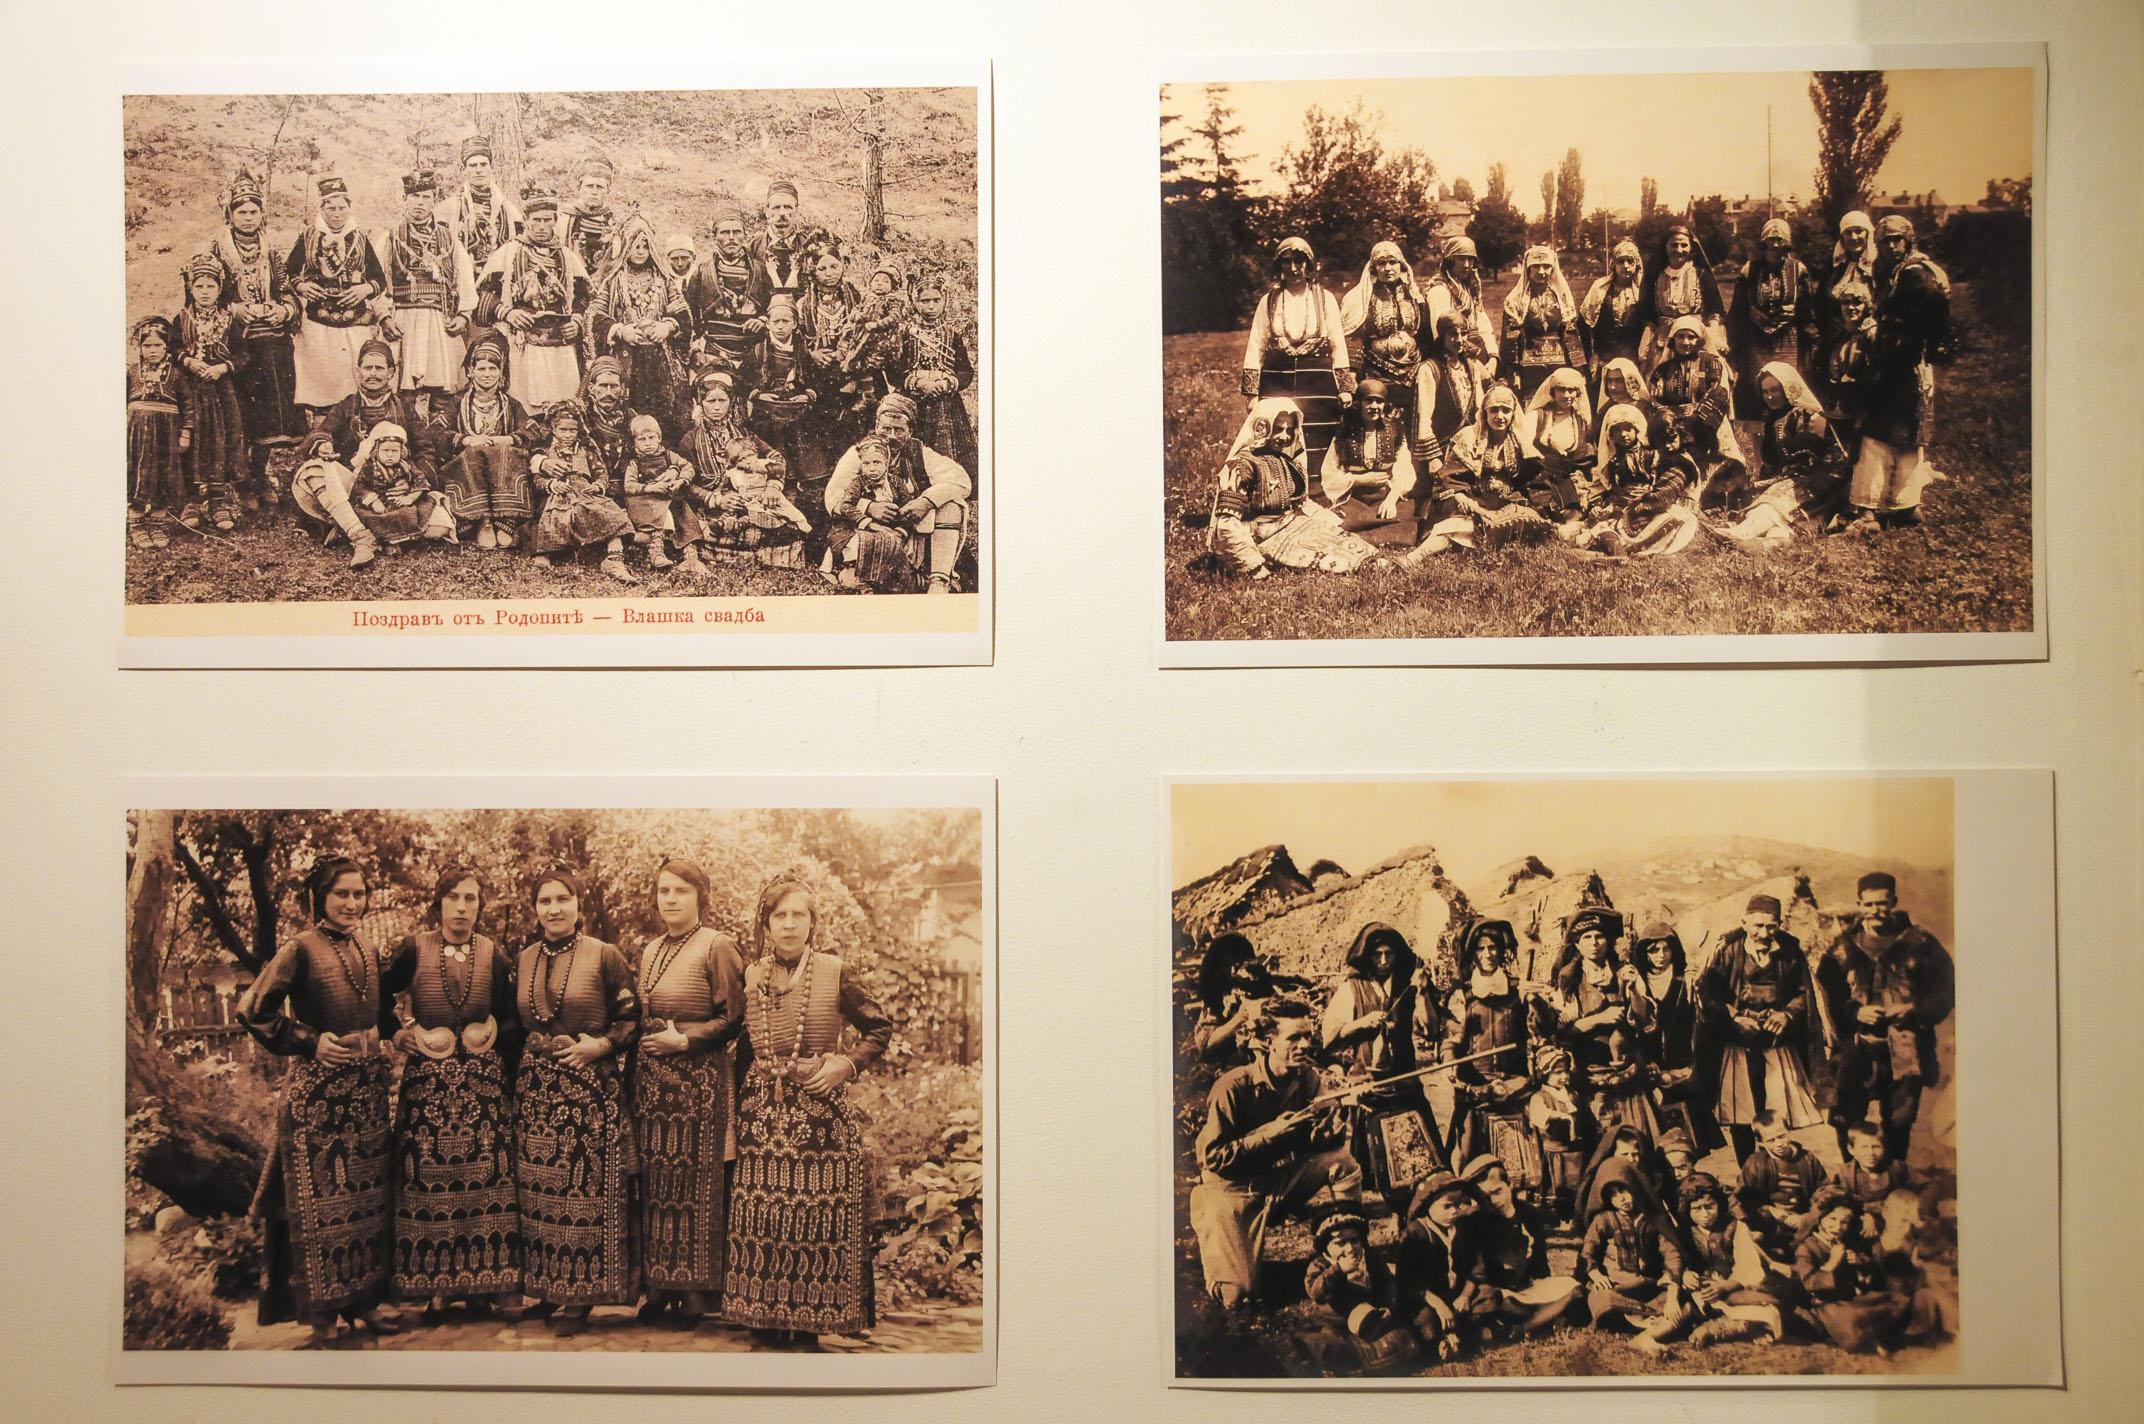 troyan-museum-bylgarsko-zlatarsko-izkustvo-32